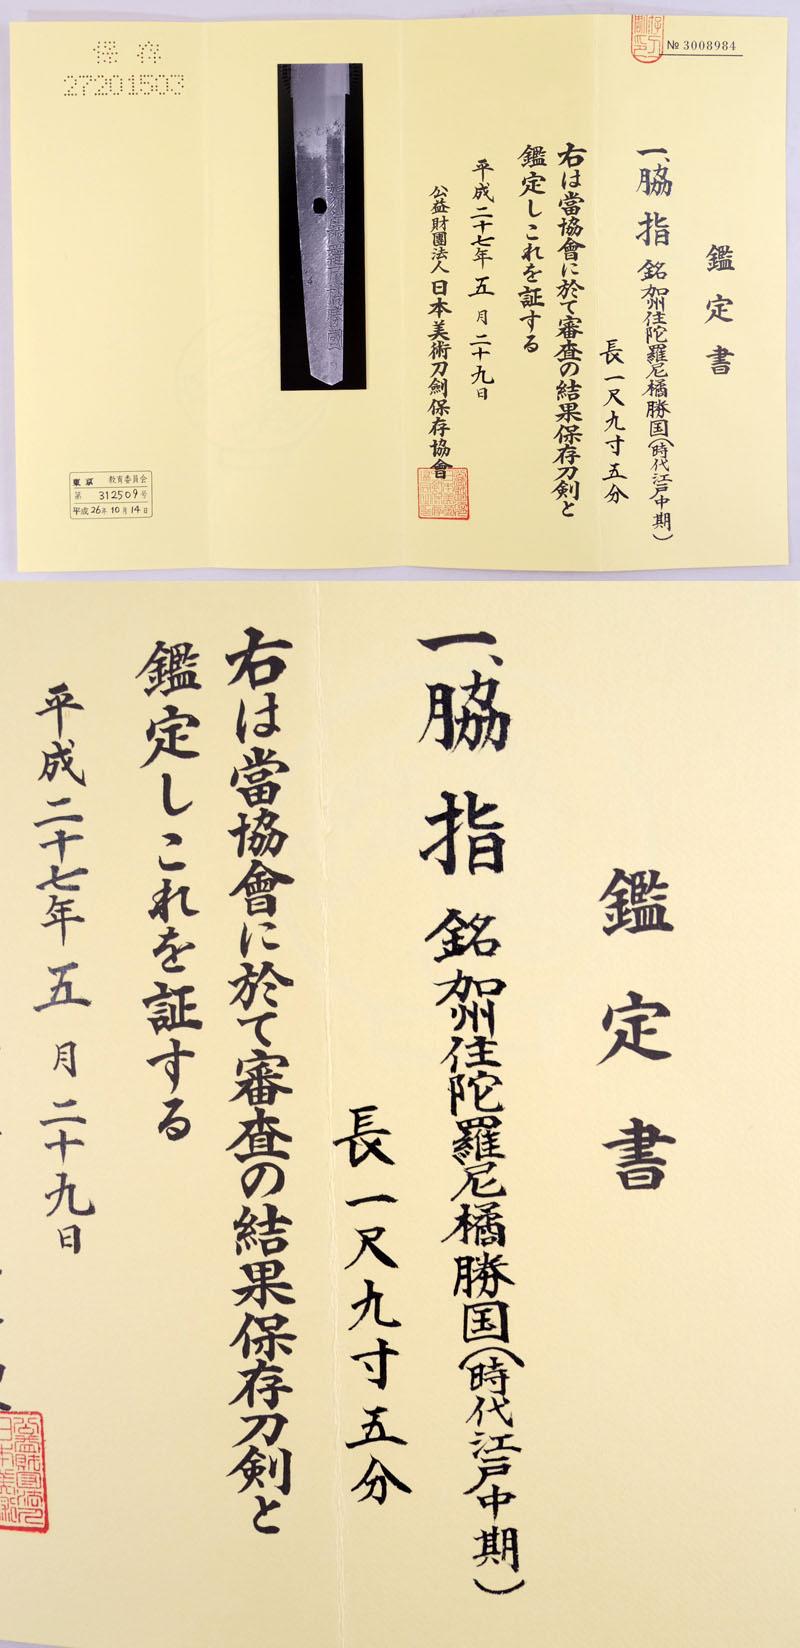 加州住陀羅尼橘勝国(時代江戸中期)(2代勝国) Picture of Certificate